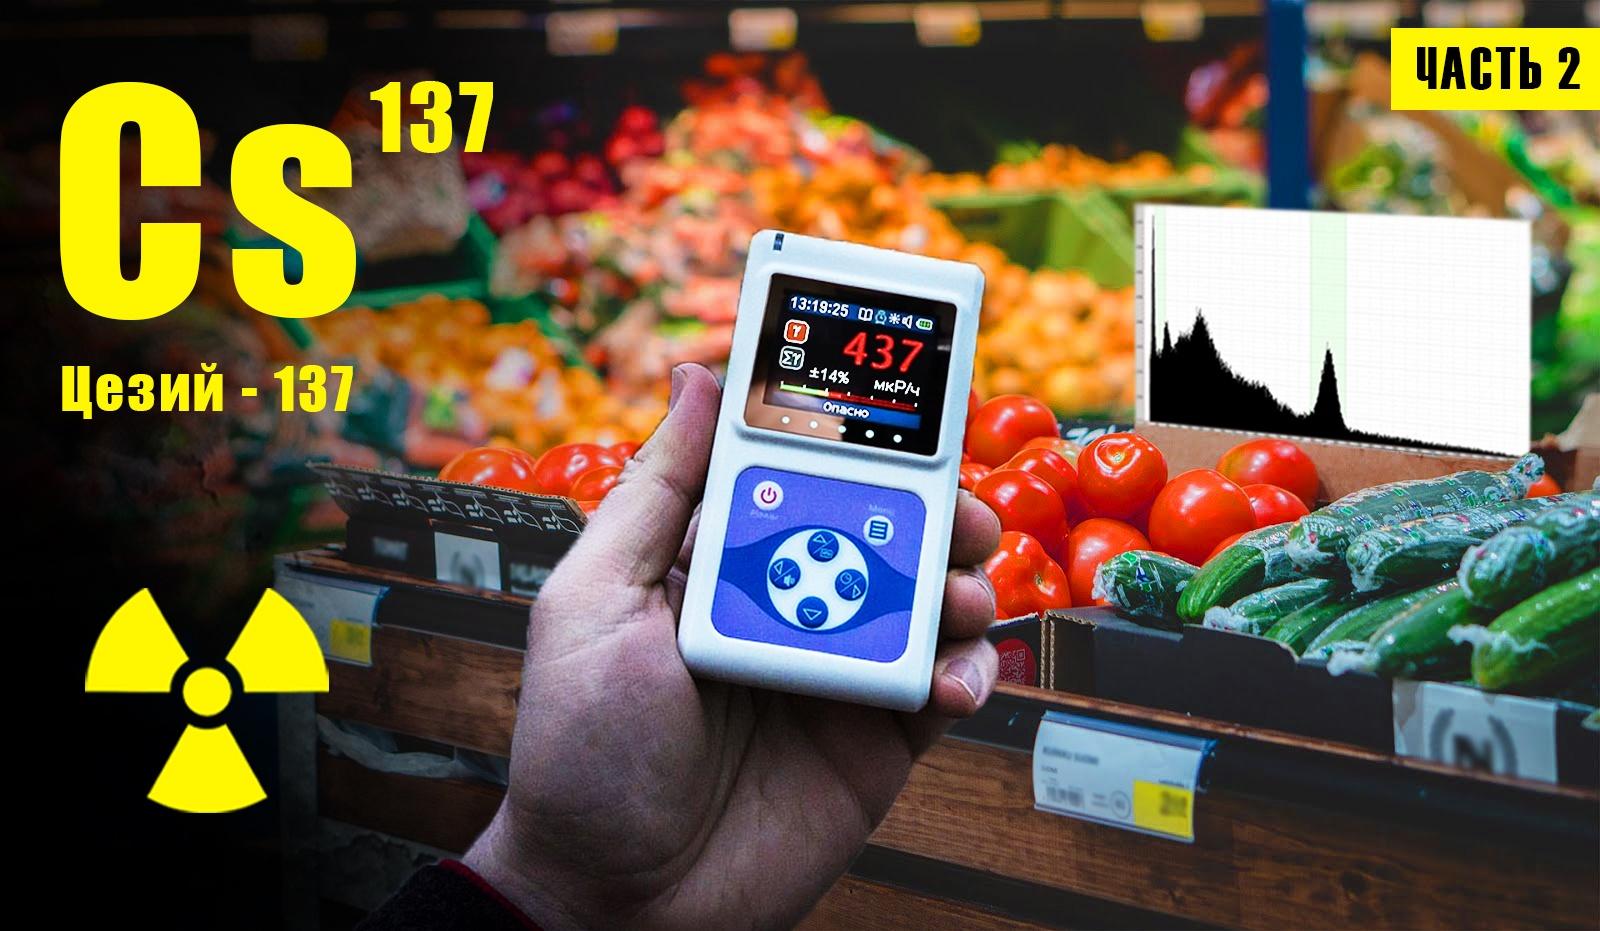 Радиоактивные продукты. Гамма-спектрометр. Часть 2 - 1